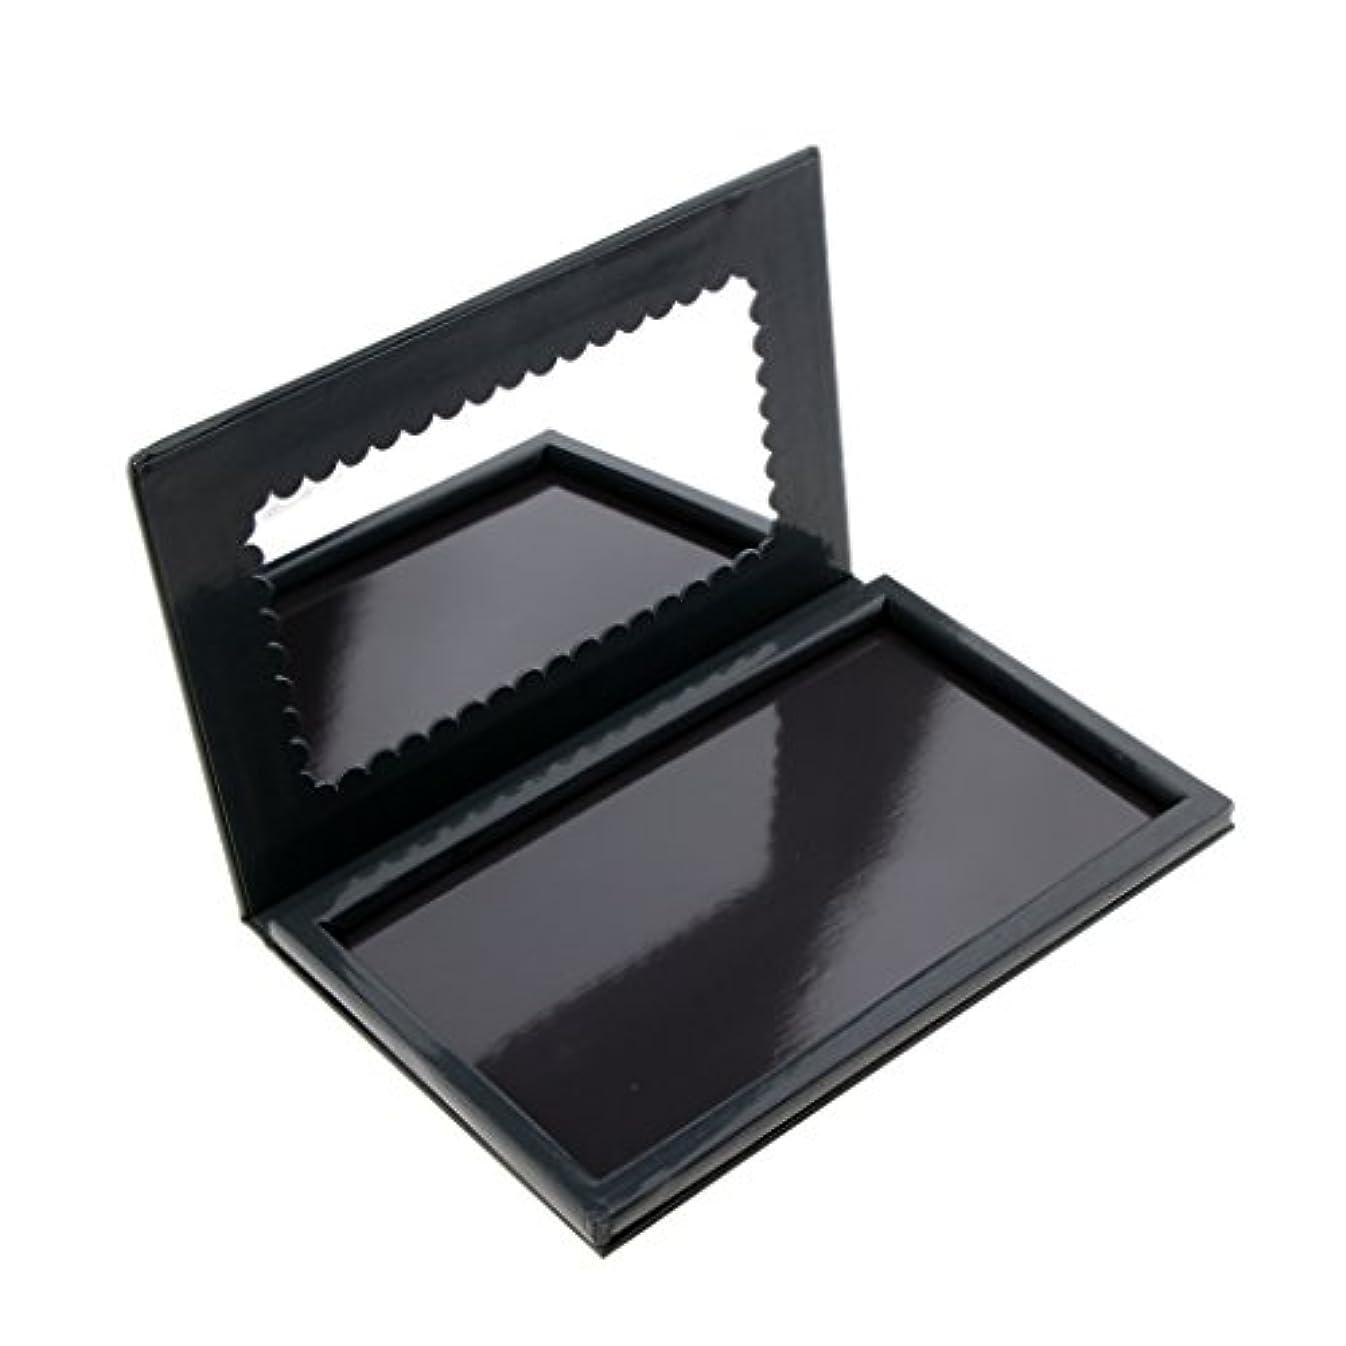 不規則性常習者節約するメイクアップパレット 磁気パレット コスメ 詰替え DIY 収納 ボックス メイクアップ